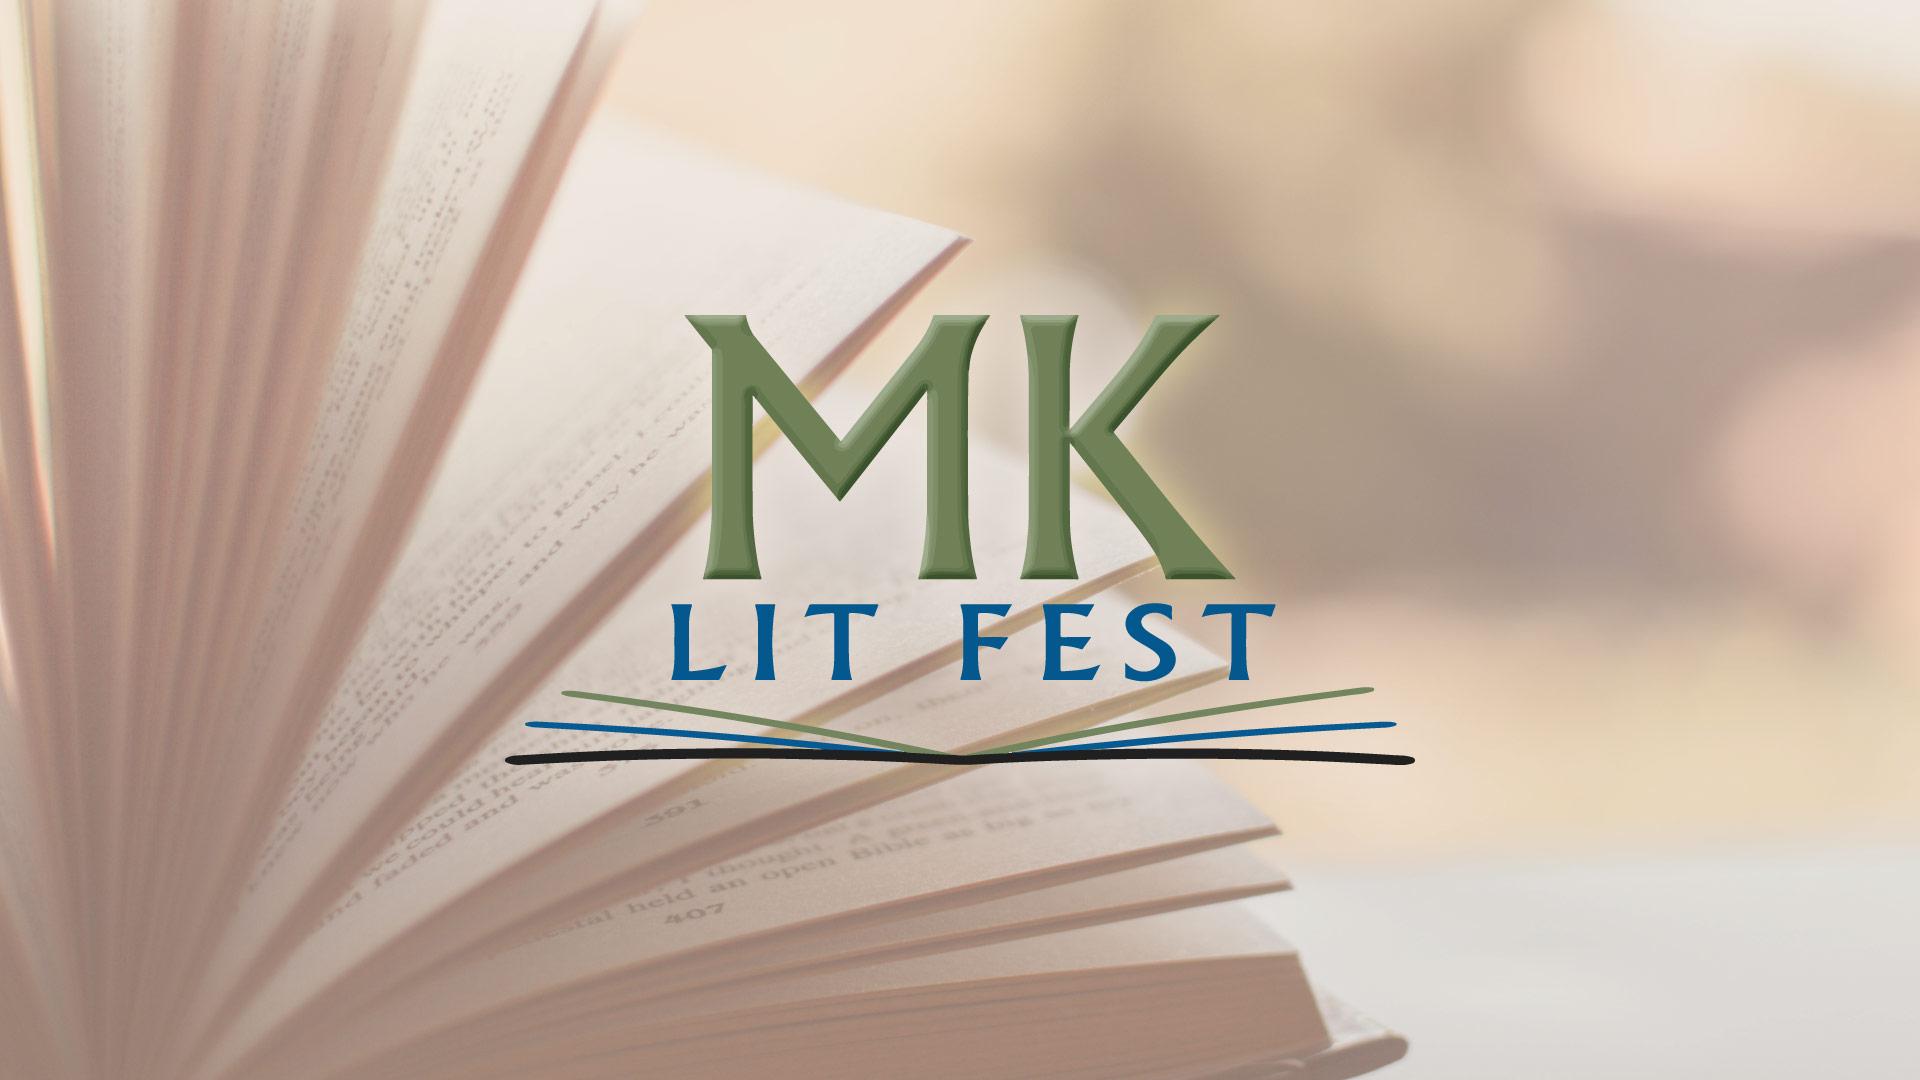 MK LitFest